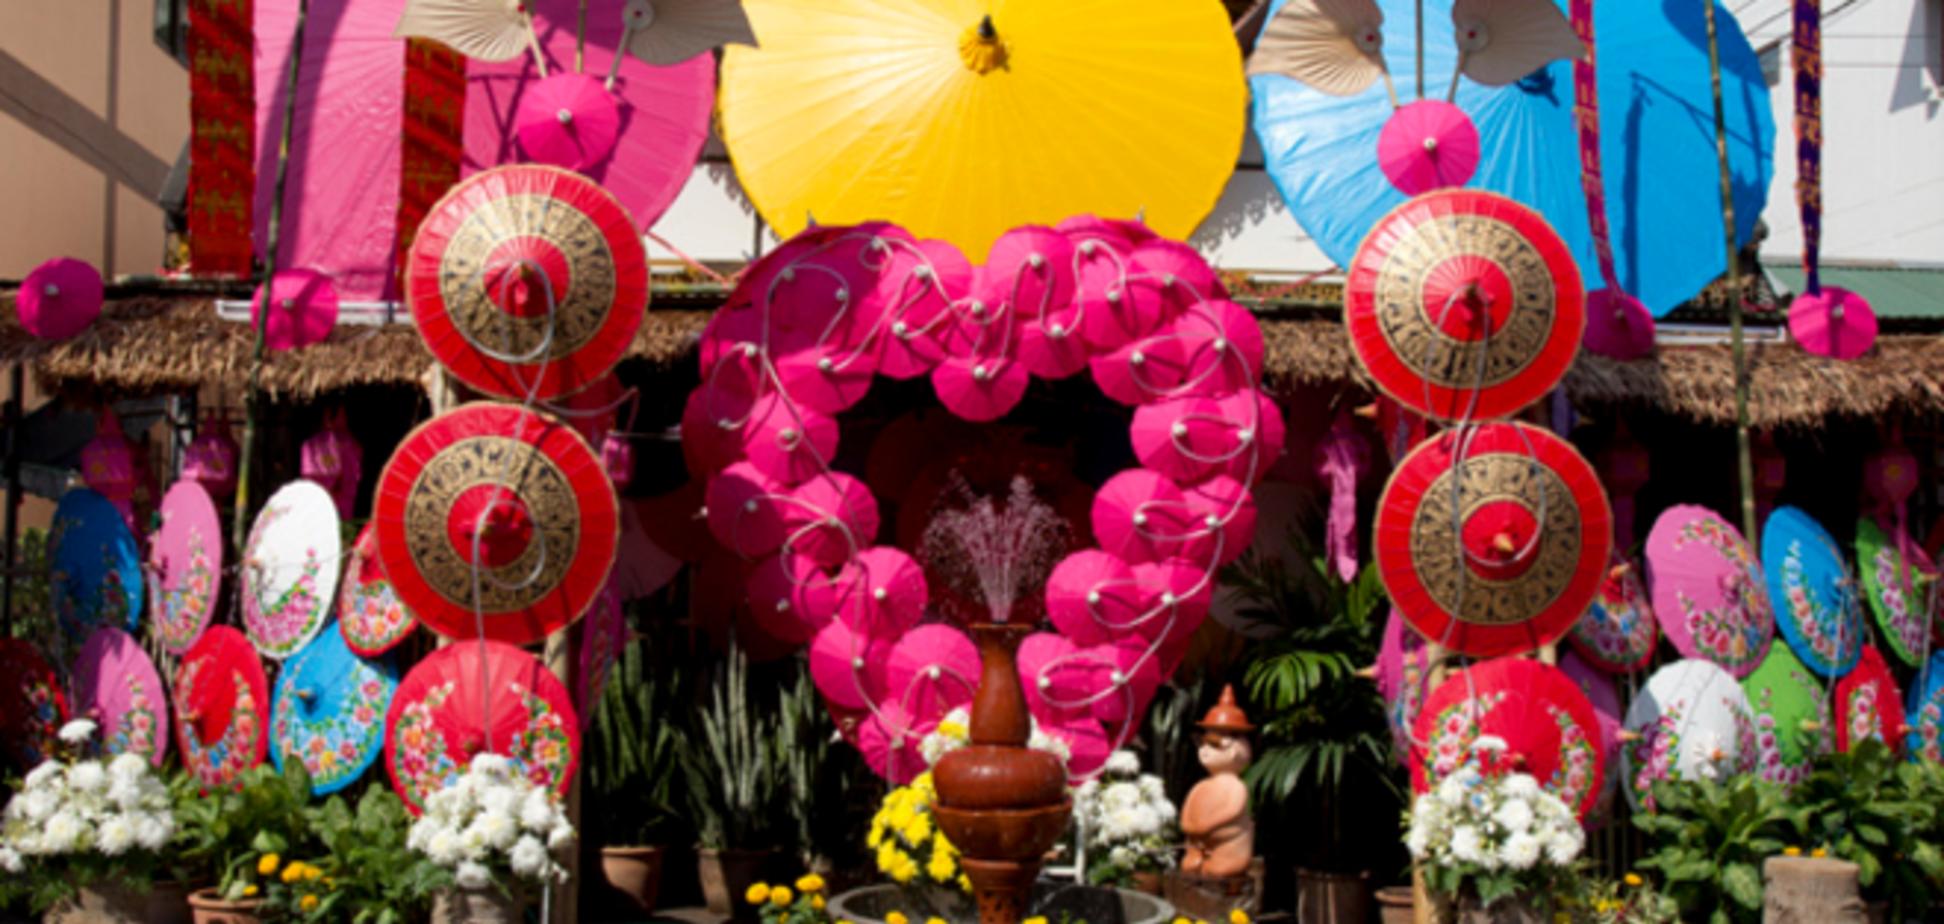 Юных тайцев попросили воздержаться от секса в День влюбленных